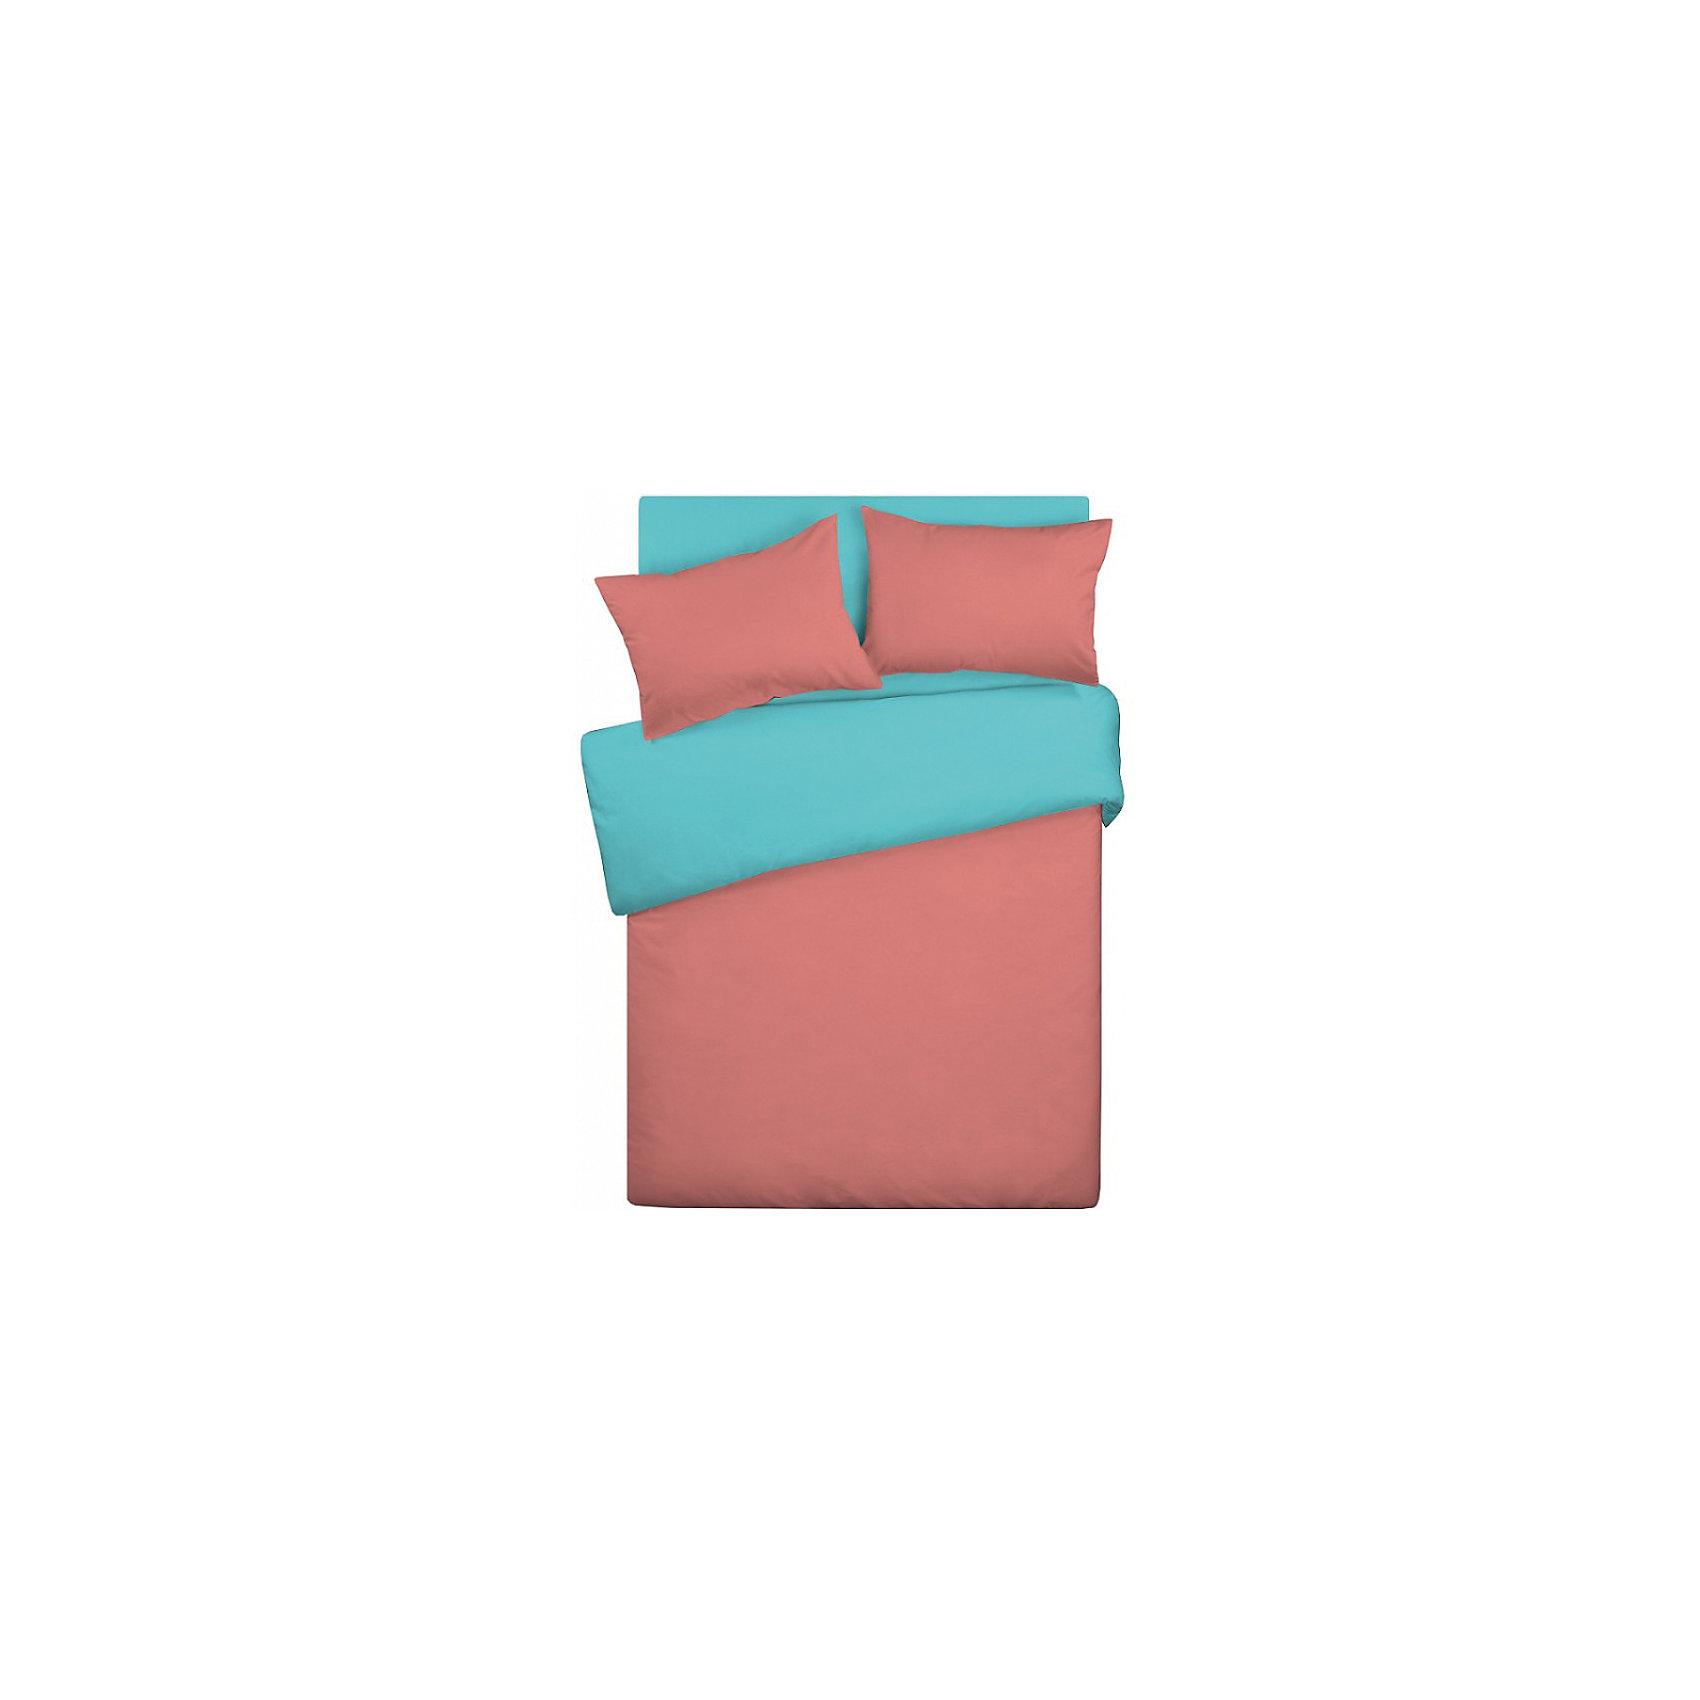 Постельное белье 2,0 сп. Wenge Uno, бруснично-бирюзовыйДомашний текстиль<br>Характеристики 2-хспального комплекта постельного белья   Wenge Uno  БИО Комфорт, бруснично-бирюзовый:<br><br>- производитель: Неотек<br>- материал: бязь<br>- состав: 100% хлопок<br>- размер комплекта: двуспальный<br>- размер пододеяльника: 215*175 см.<br>- размер простыни: 220*240 см.<br>- размер наволочек: 70*70 (2 шт)<br>- упаковка комплекта: книжка пвх<br>- страна бренда: Россия<br>- страна производитель: Россия<br><br>Устали от пестрых комплектов постельного белья? Предпочитаете минималистский стиль в интерьере? Ваше решение - купить удобное однотонное постельное белье и постельные принадлежности серии Wenge Uno. Разнообразные сочетания оттенков в комплекте и наличие в серии отдельных наволочек, простыней, пододеяльников позволит составить идеальный вариант только для Вас. Постельное белье изготовлено из мягкой хлопковой ткани полотняного переплетения. Белье не линяет, не образует катышков, гладкое и приятное на ощупь. <br><br>Комплекта постельного белья   Wenge Uno  бруснично-бирюзовый серии Wenge Motion можно купить в нашем интернет-магазине.<br><br>Ширина мм: 370<br>Глубина мм: 70<br>Высота мм: 370<br>Вес г: 2100<br>Возраст от месяцев: 216<br>Возраст до месяцев: 1188<br>Пол: Унисекс<br>Возраст: Детский<br>SKU: 5100135